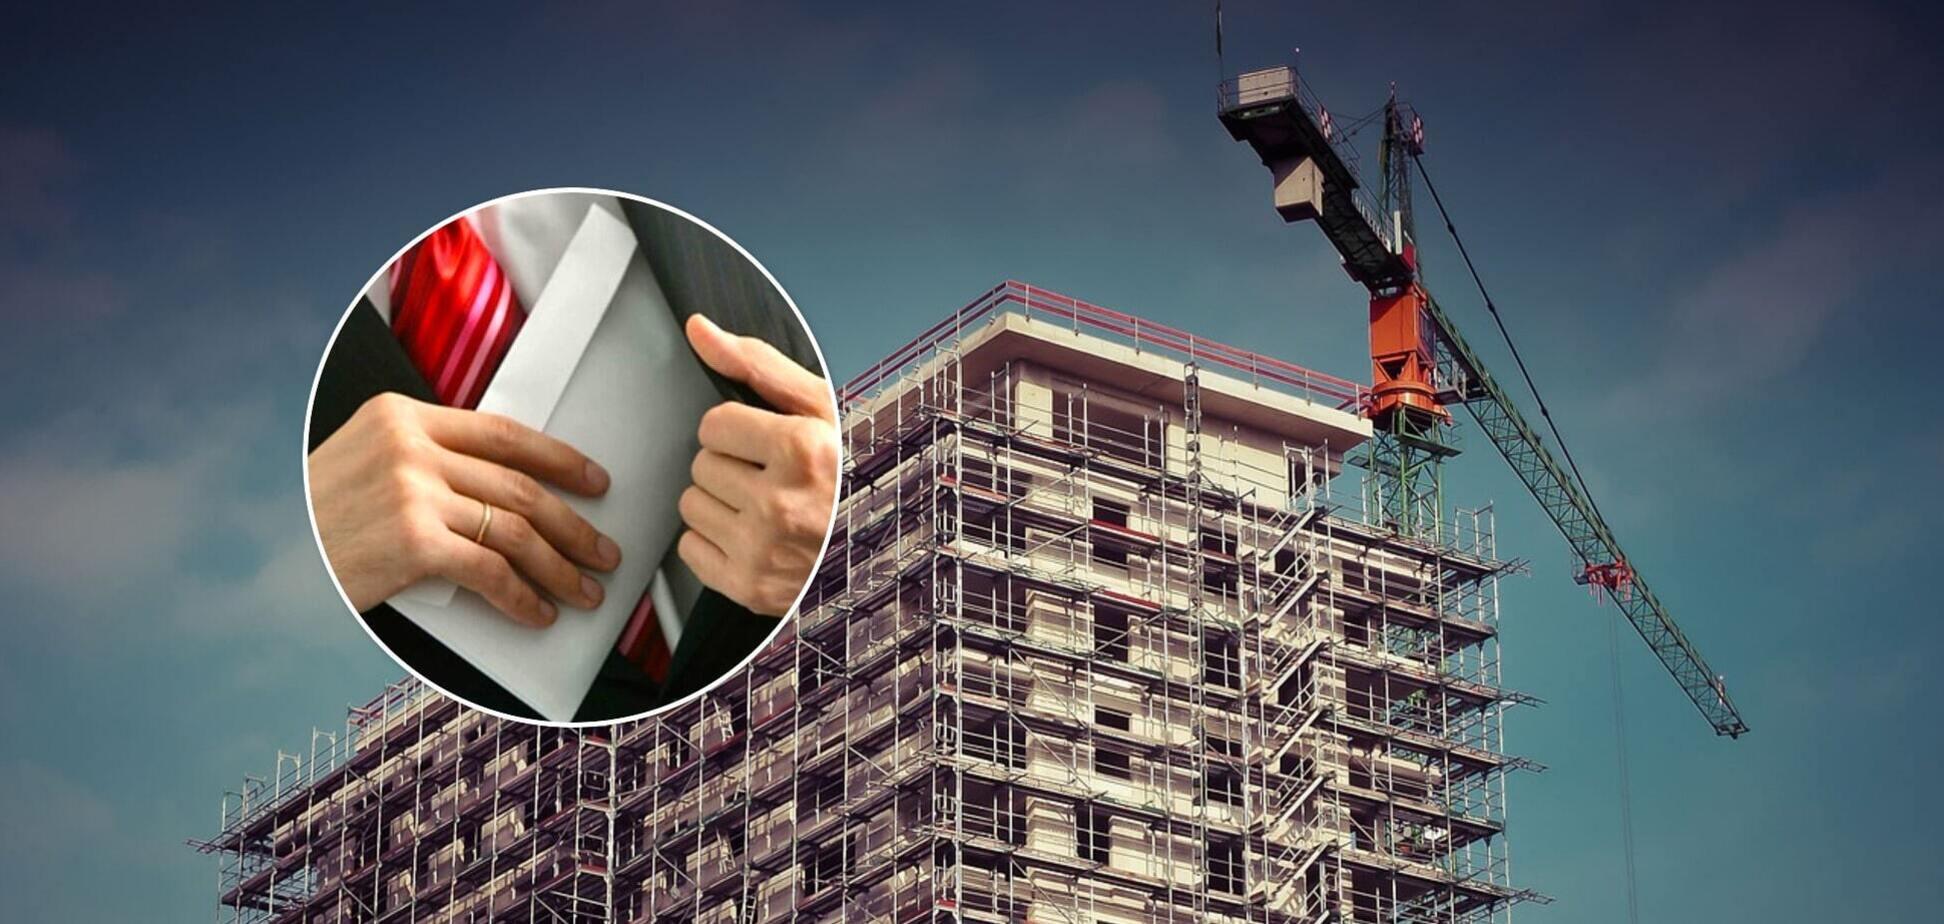 Годовой объем взяток в строительстве достигал 3 млрд гривен – Минцифры